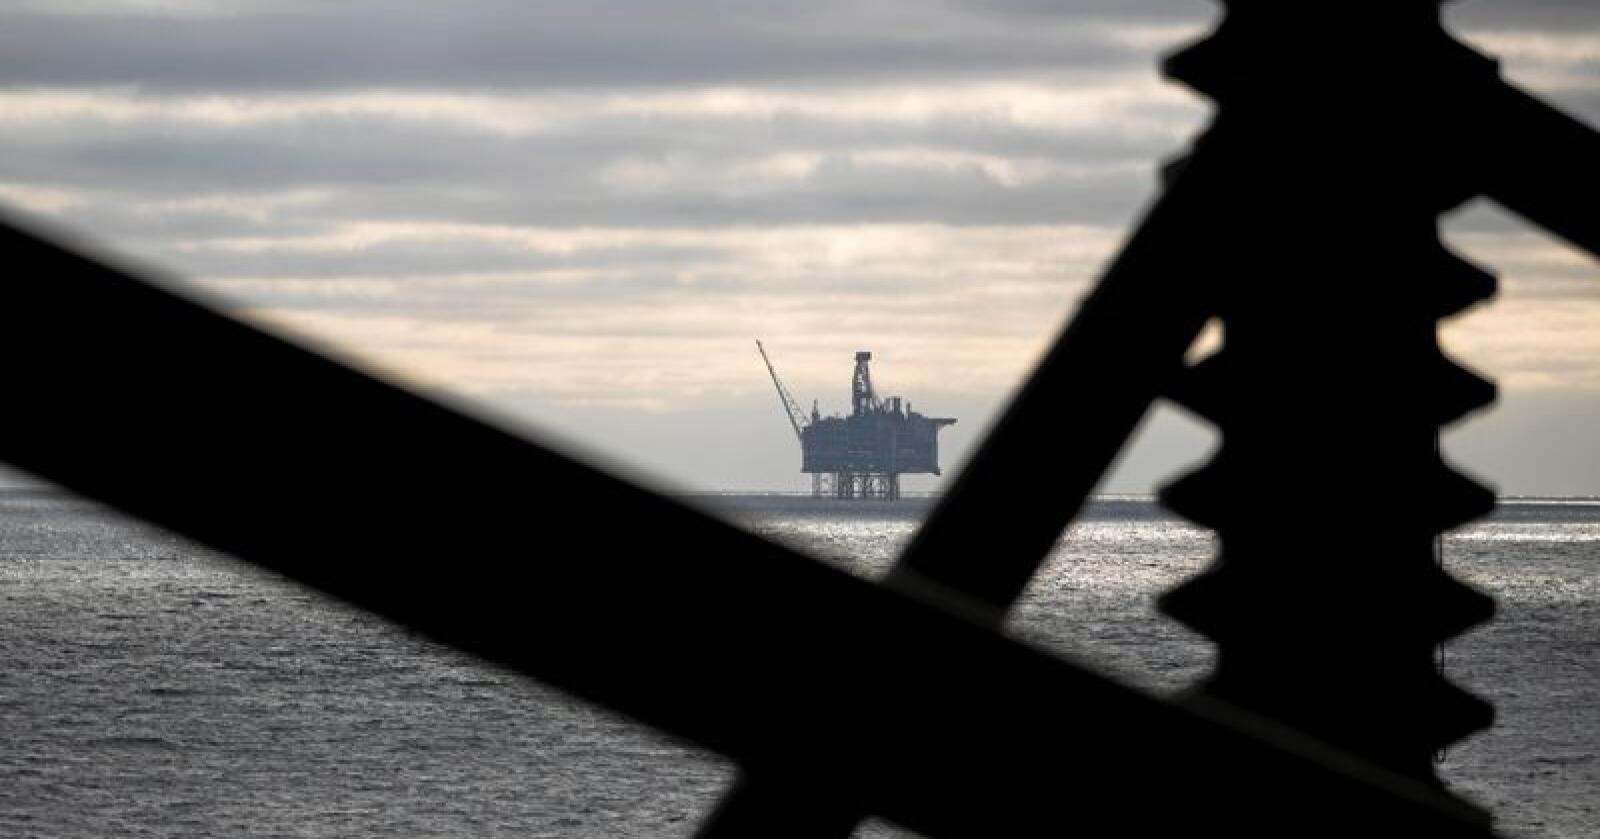 Velferd: Olje og gass har gjor oss rike, skriver Noralv Veggeland. Foto: Håkon Mosvold Larsen / NTB scanpix